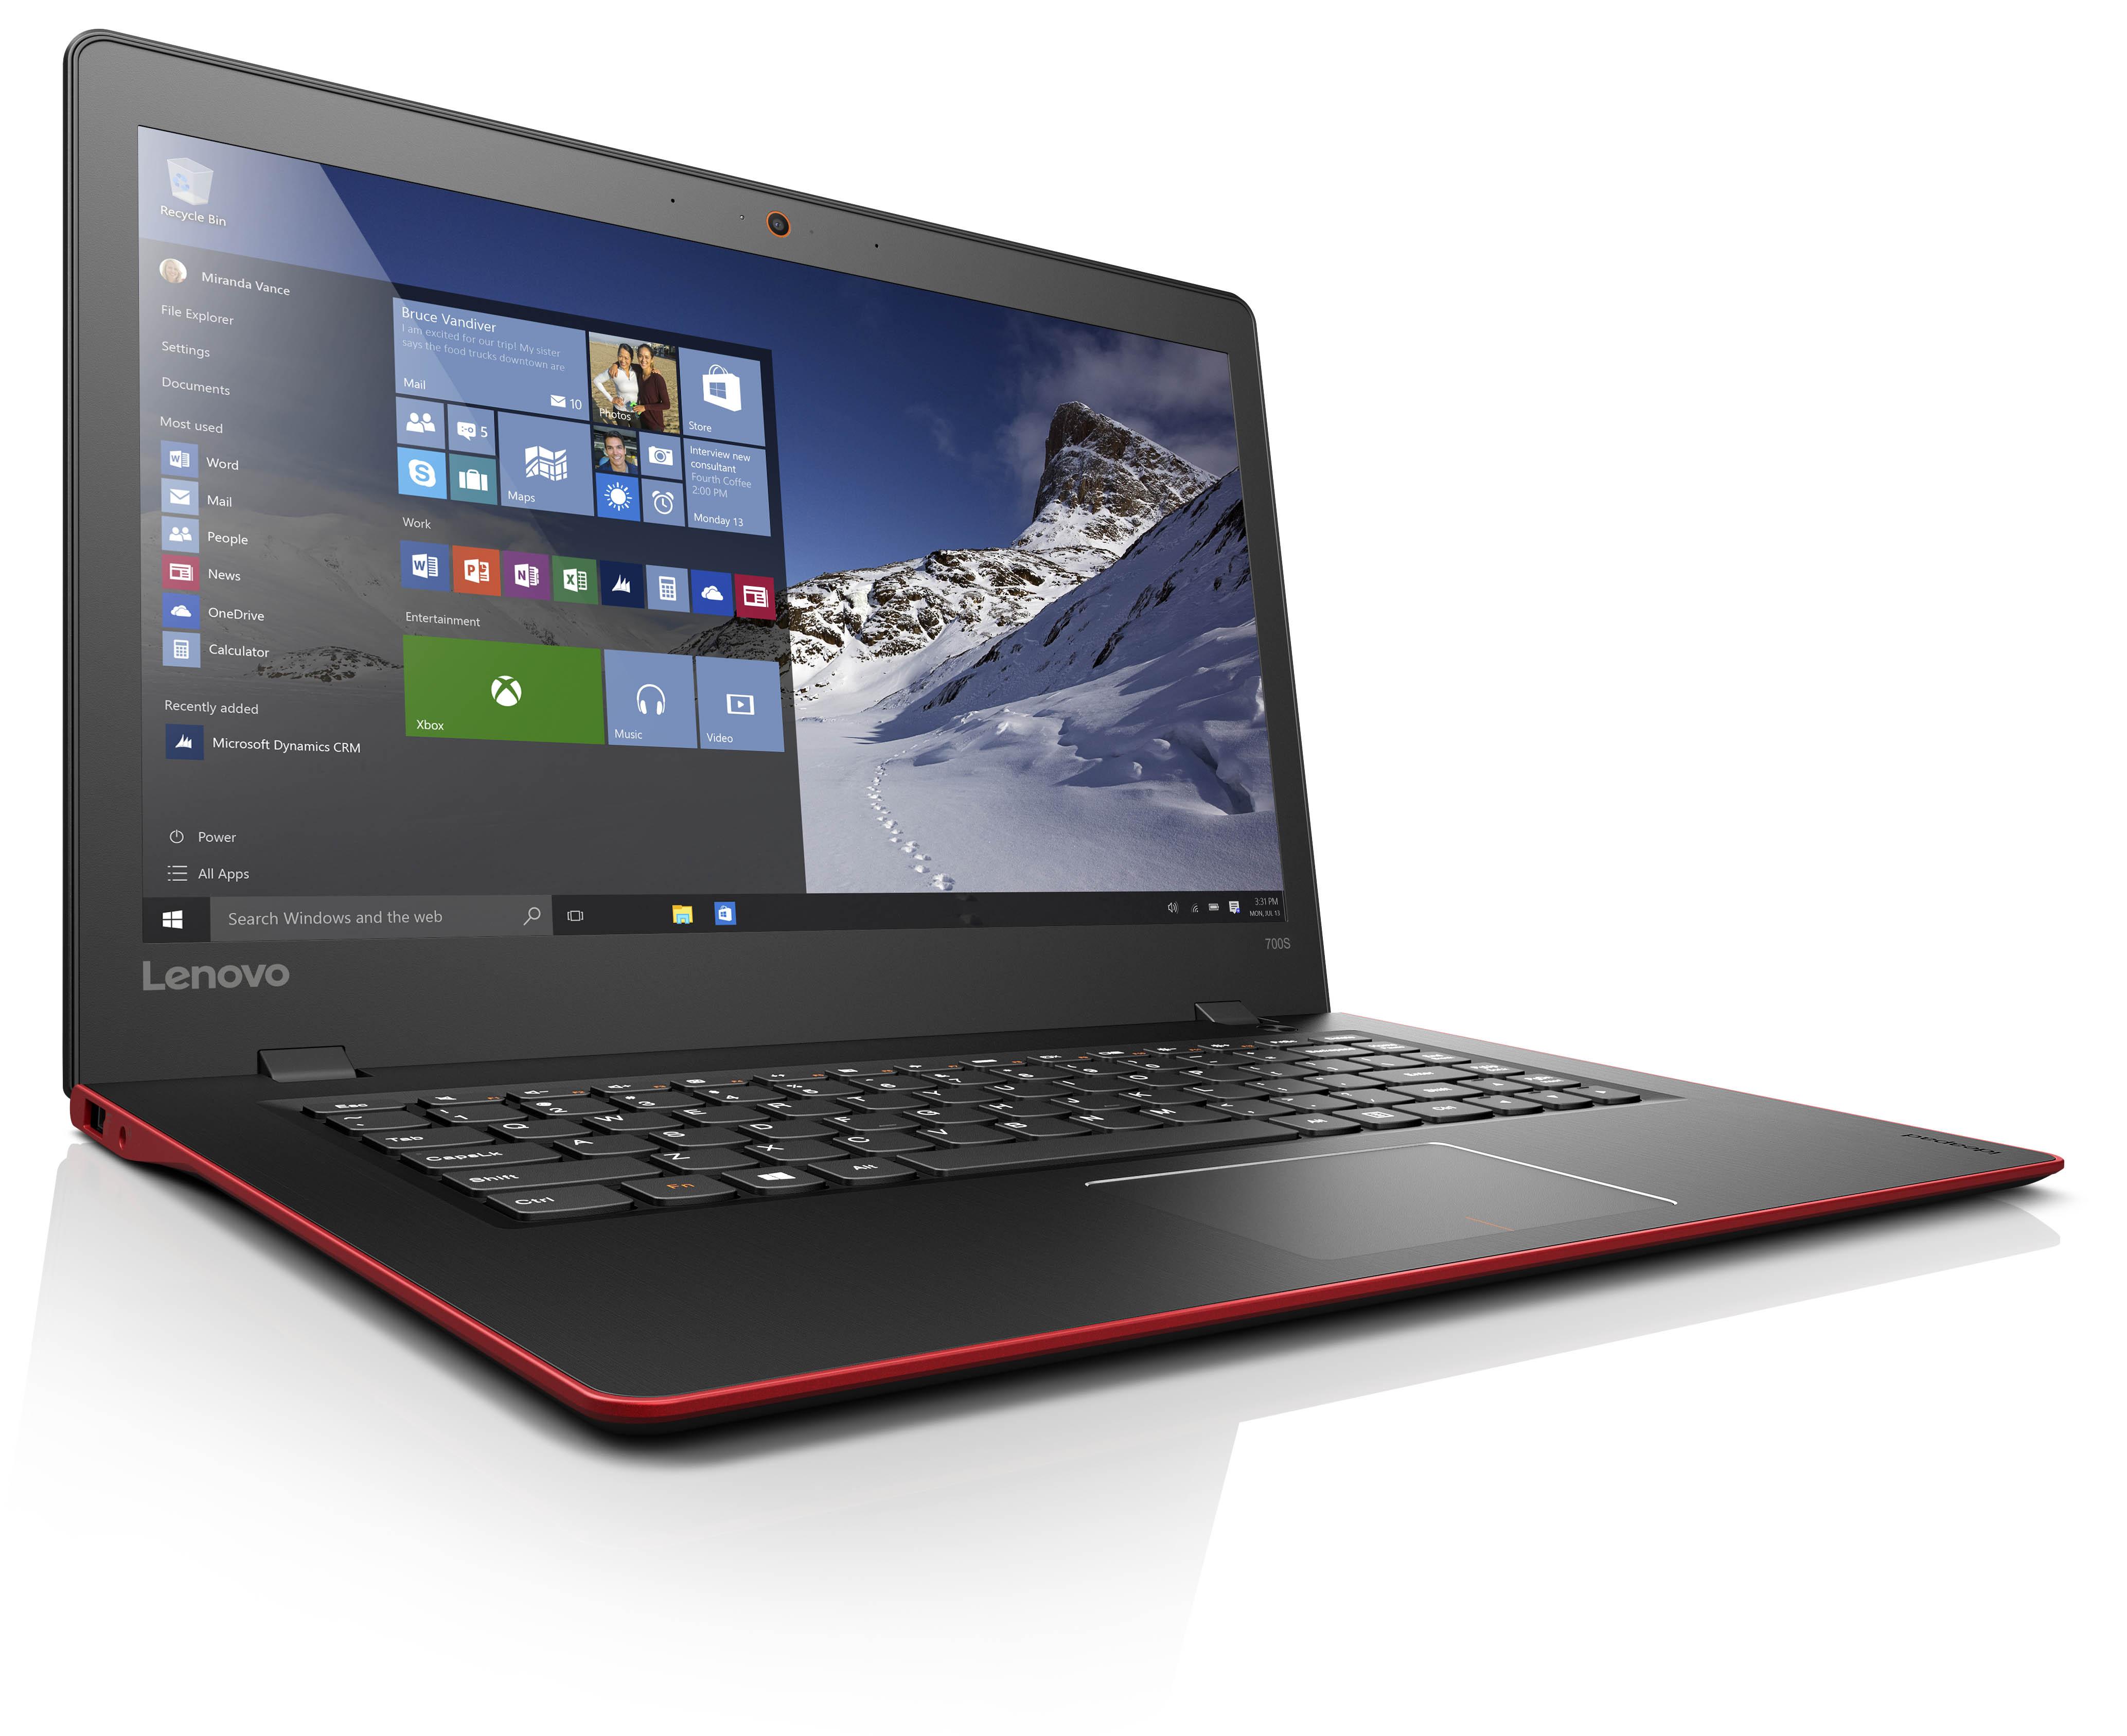 联想推最薄14寸笔记本ideapad 700S 售4699元